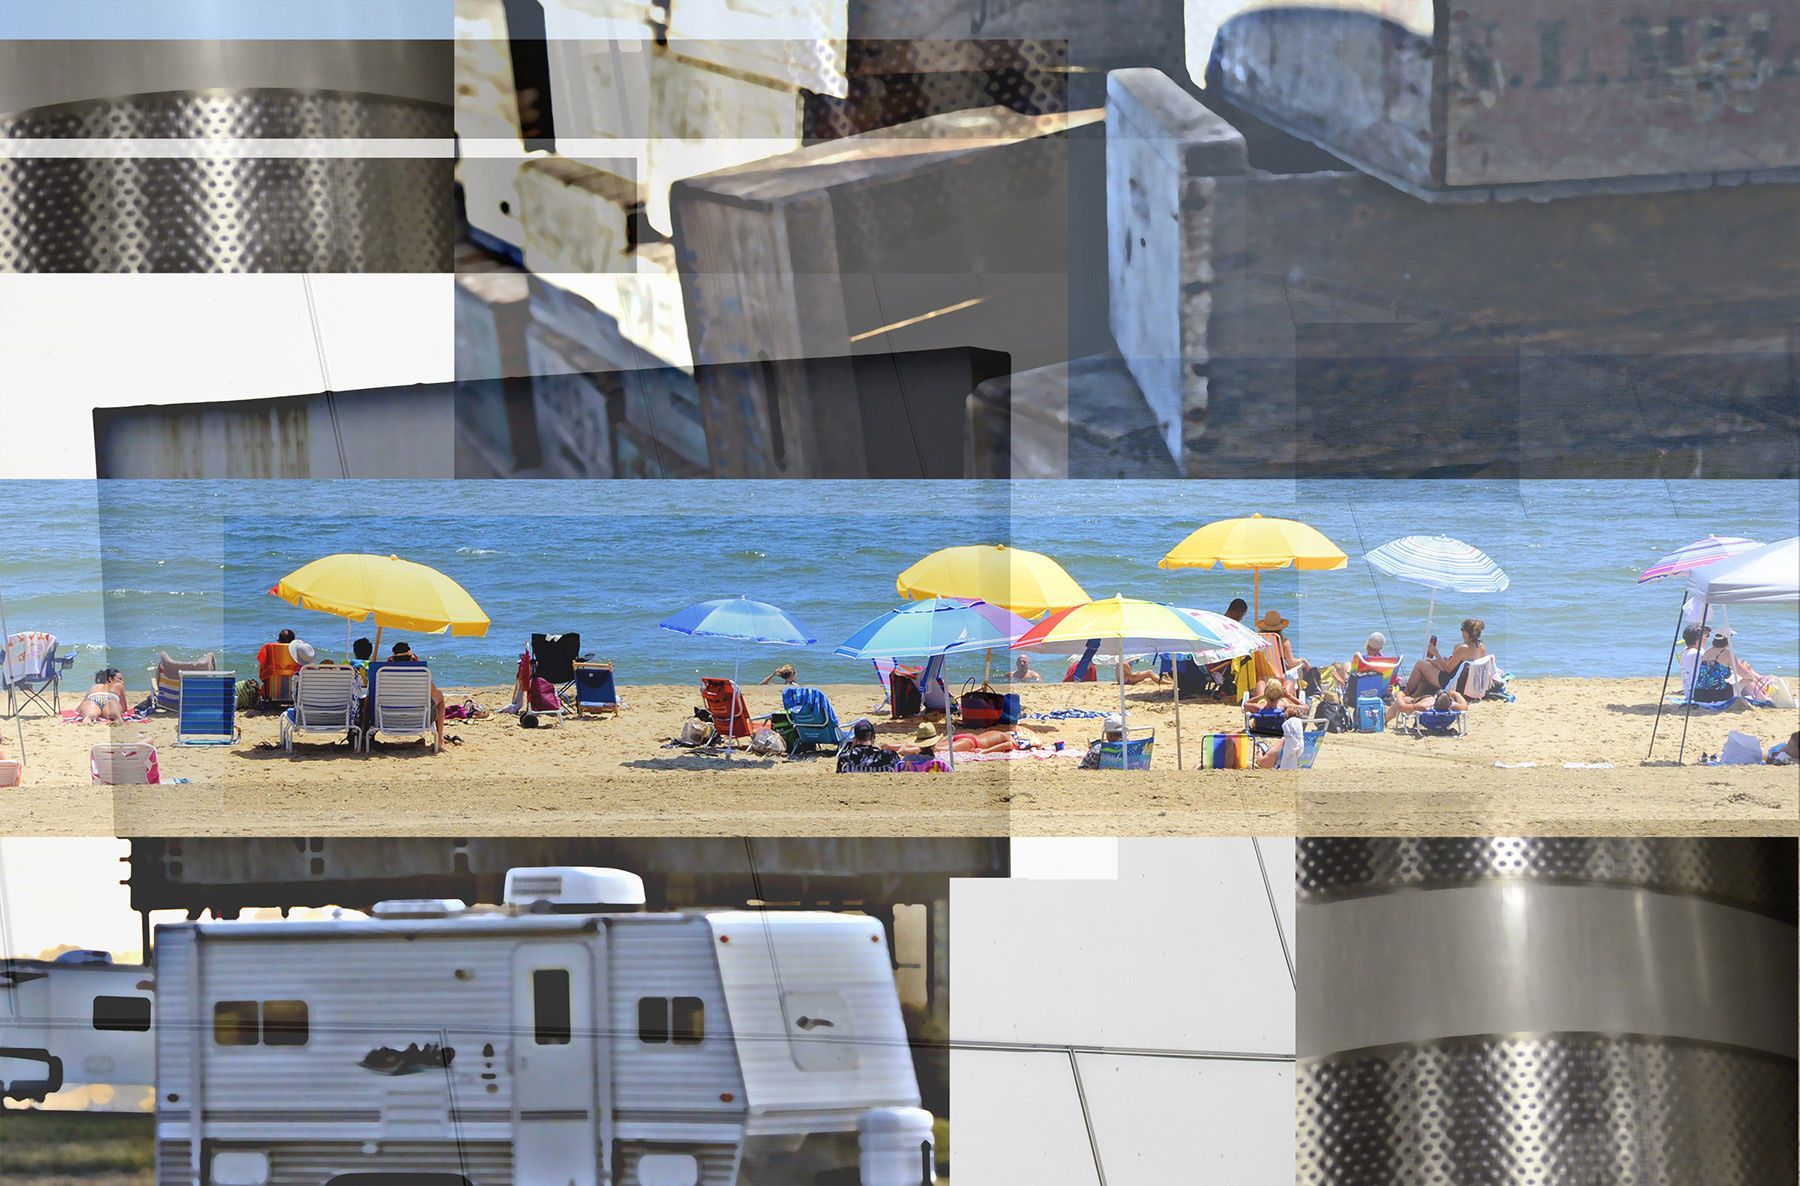 Beach RV